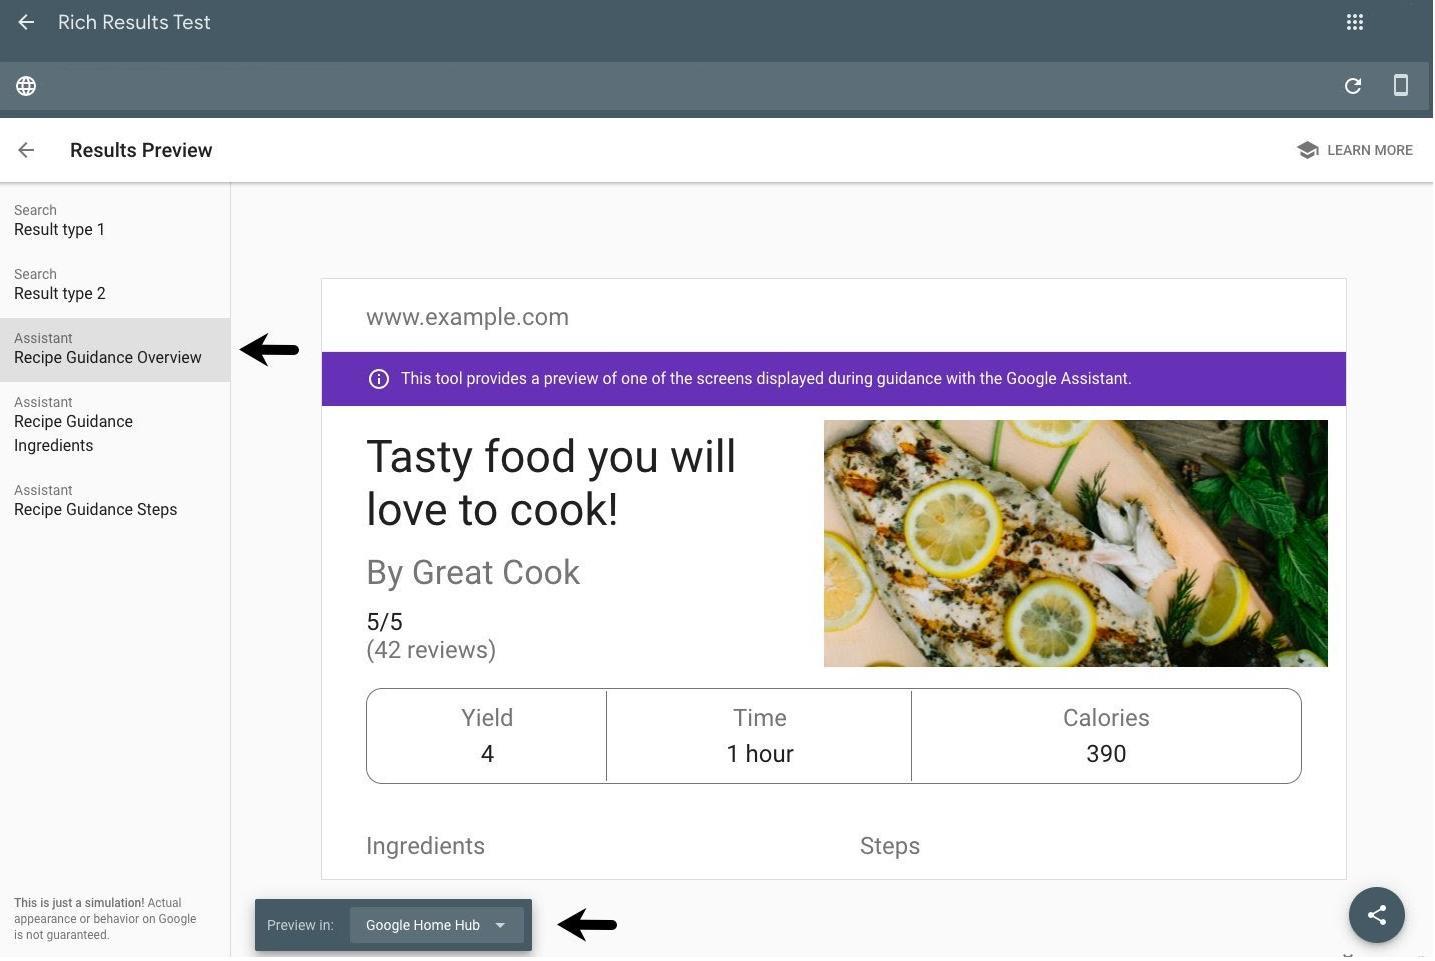 Предварительный просмотр Guided Recipe в Rich Results Test